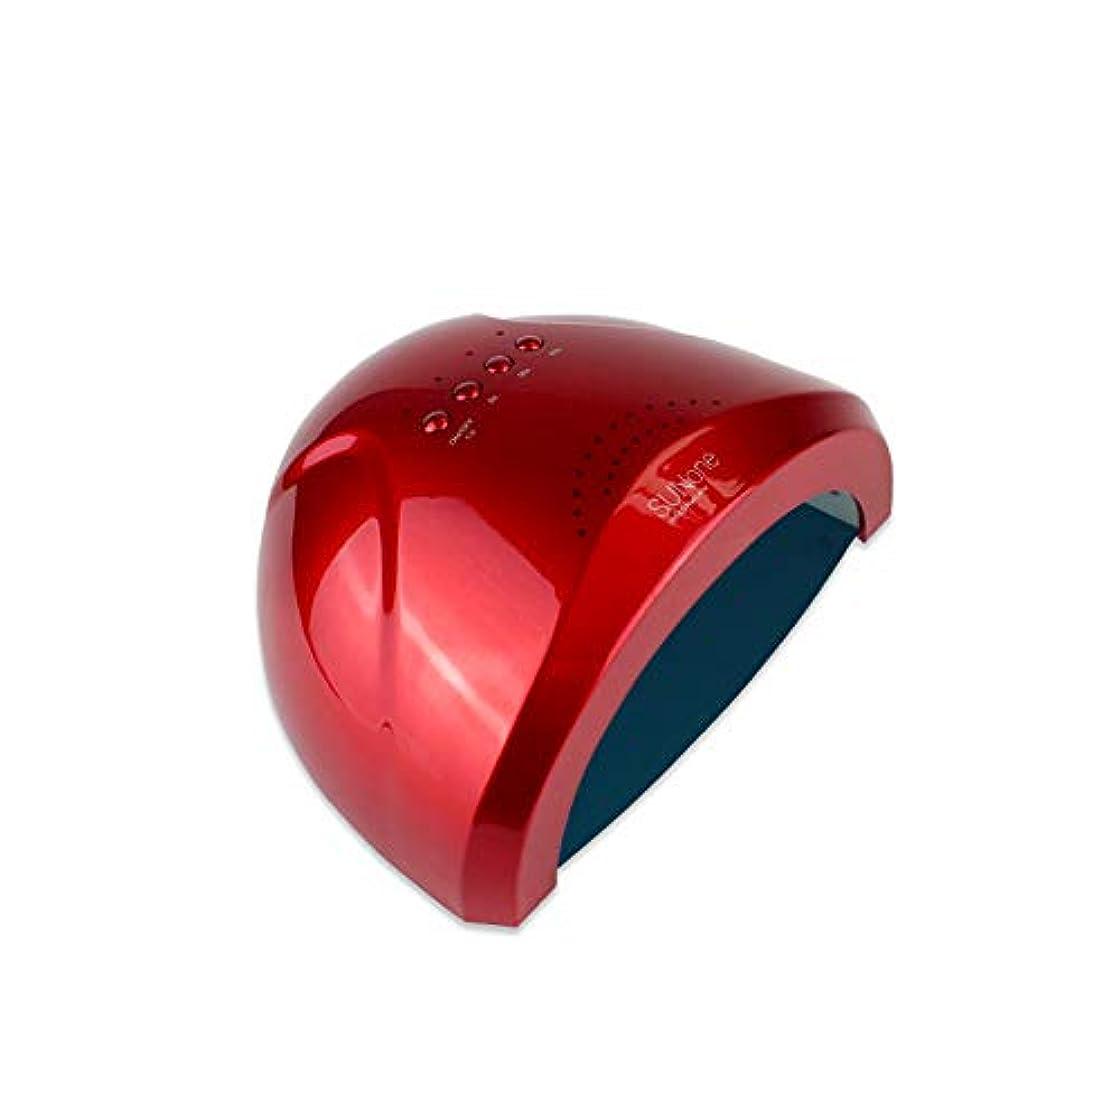 印をつける請求書引き出すLEDネイル光線療法機、ホームインテリジェントセンサー多機能リムーバブルネイルキュアマシン、デュアルソースネイルポリッシャー、ホテル/家族/ホテルに適しています